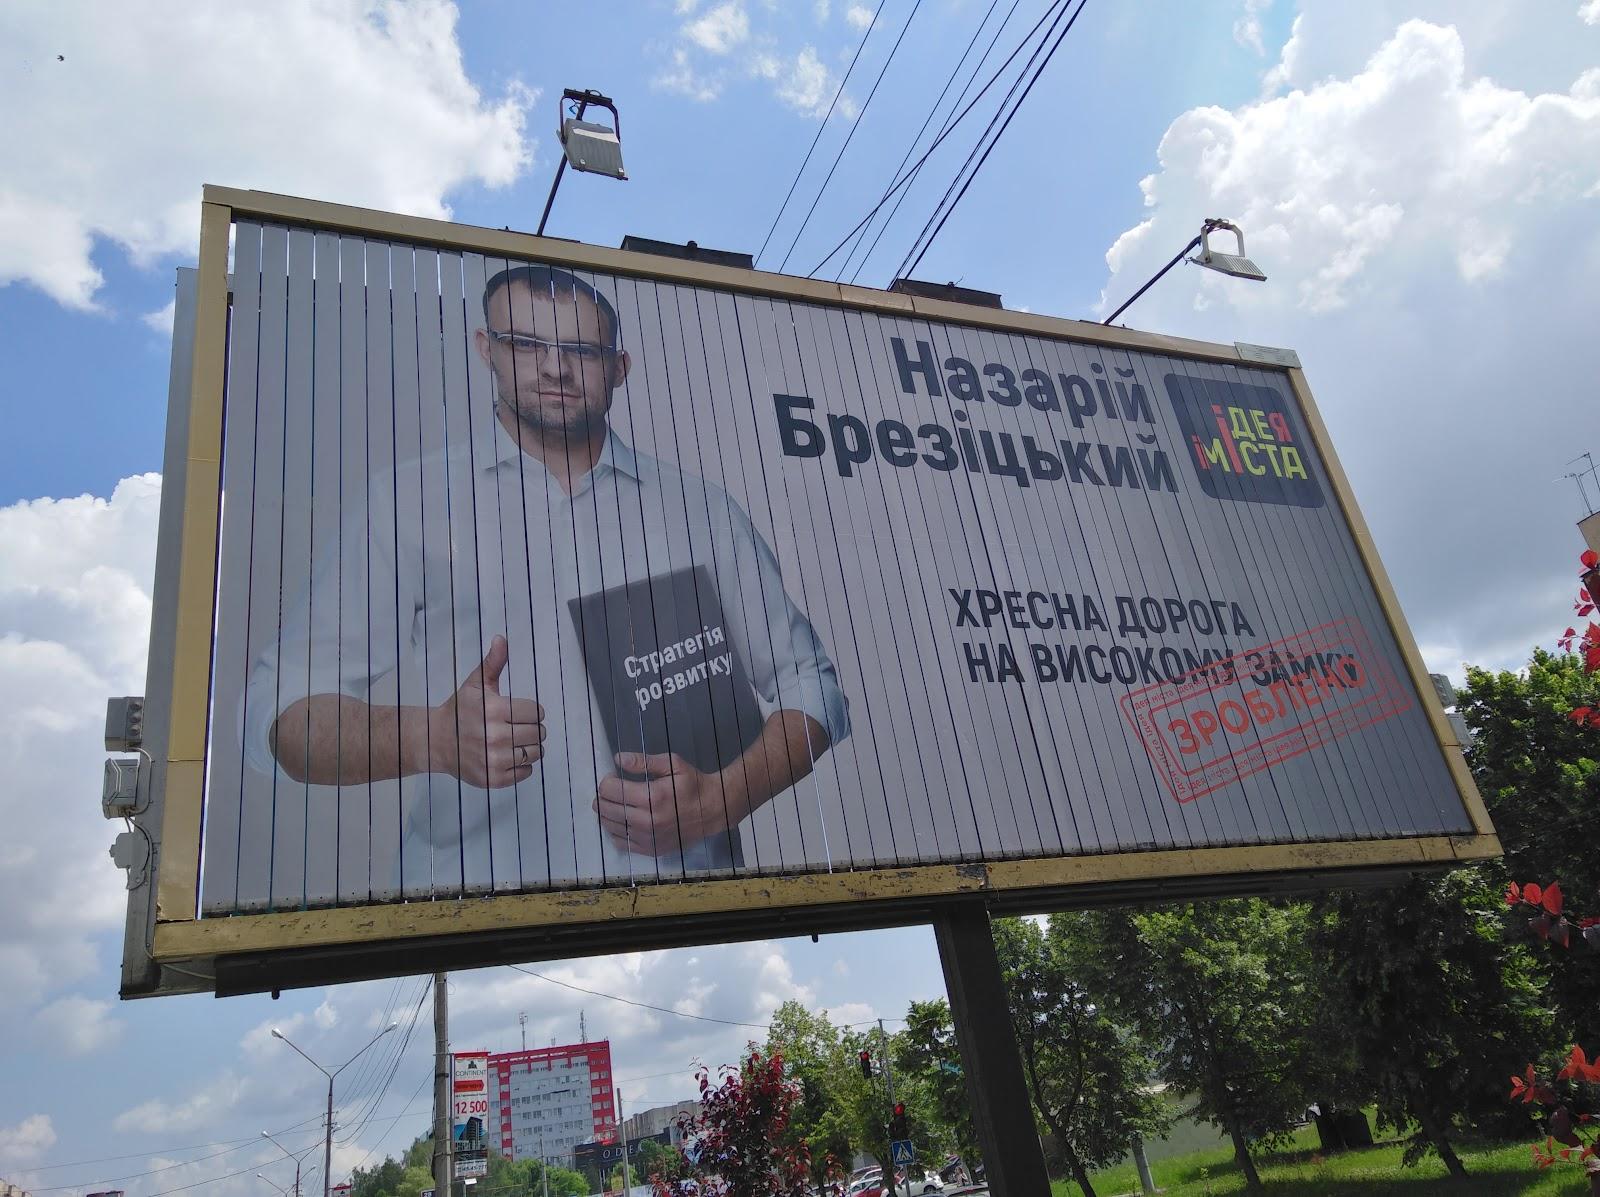 """Результат пошуку зображень за запитом """"Кандидатів немає, агітація є: у Львові дочасно стартували з політрекламою"""""""